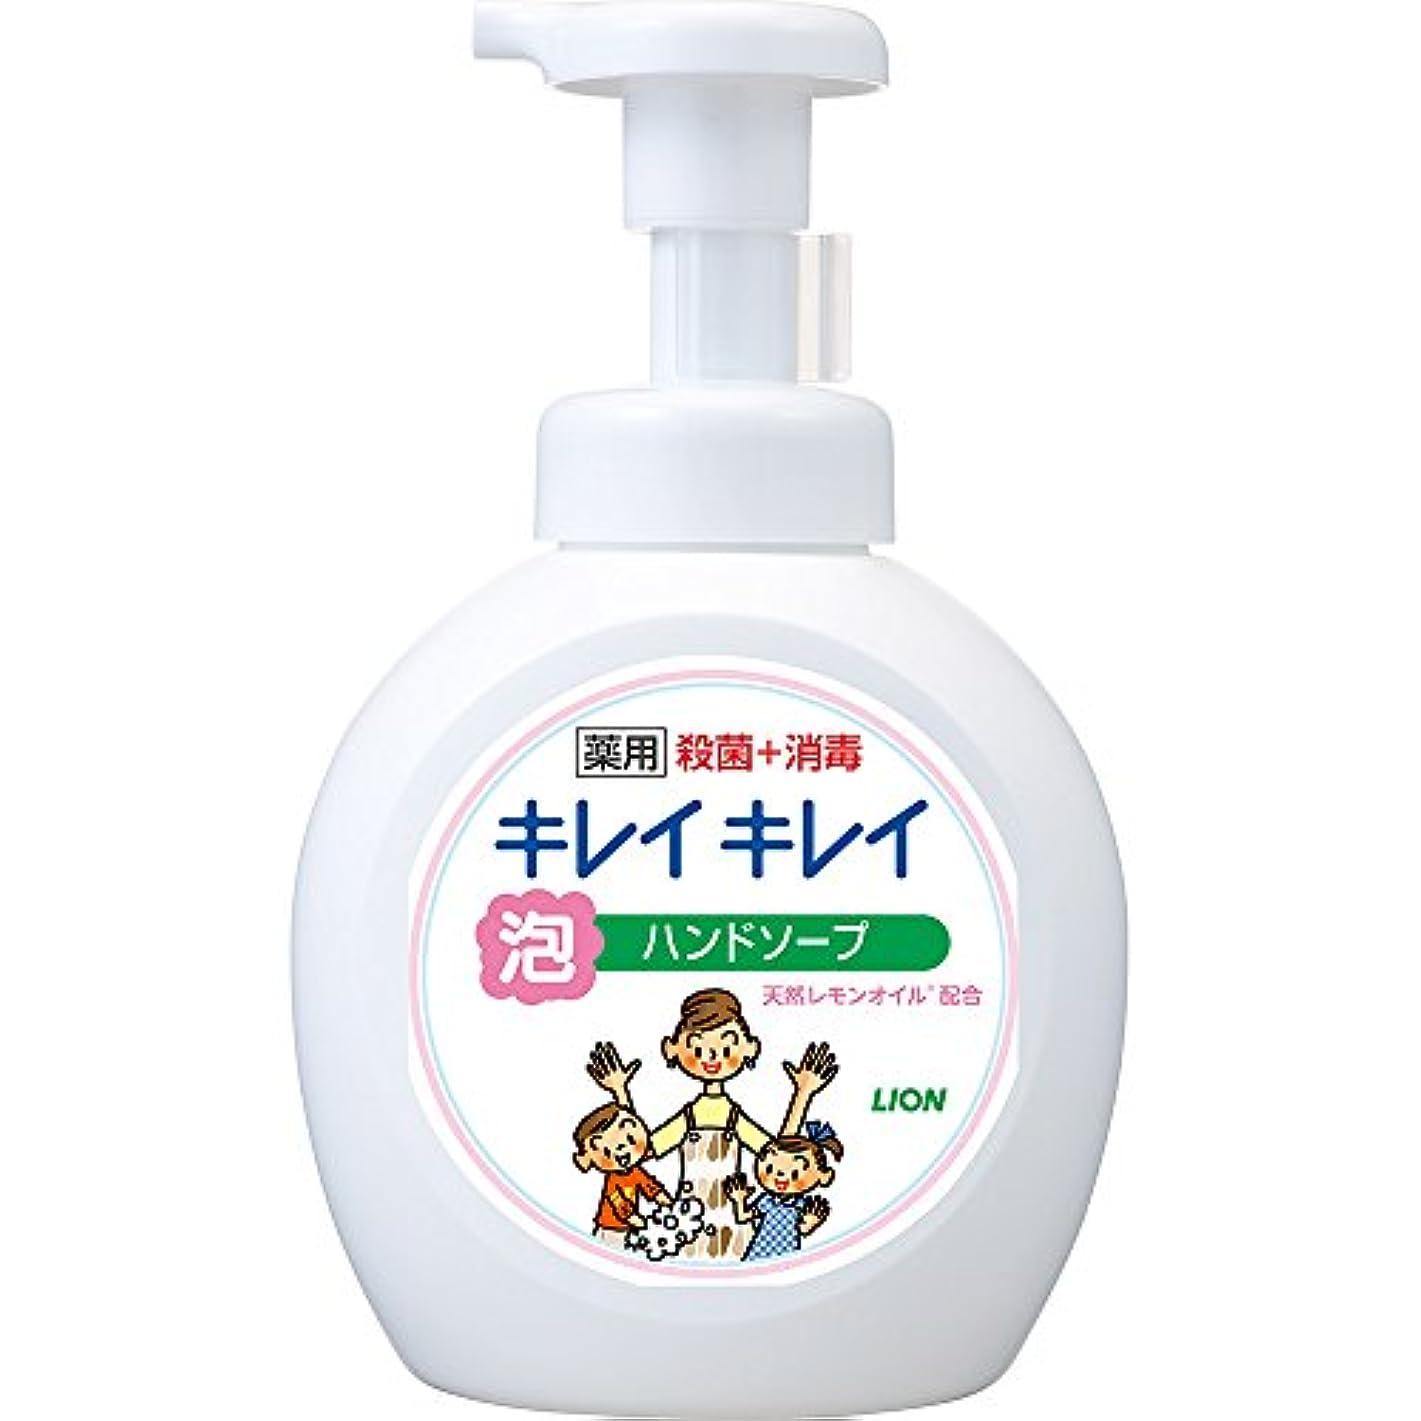 さまようステップ周りキレイキレイ 薬用 泡ハンドソープ シトラスフルーティの香り 本体ポンプ 大型サイズ 500ml(医薬部外品)